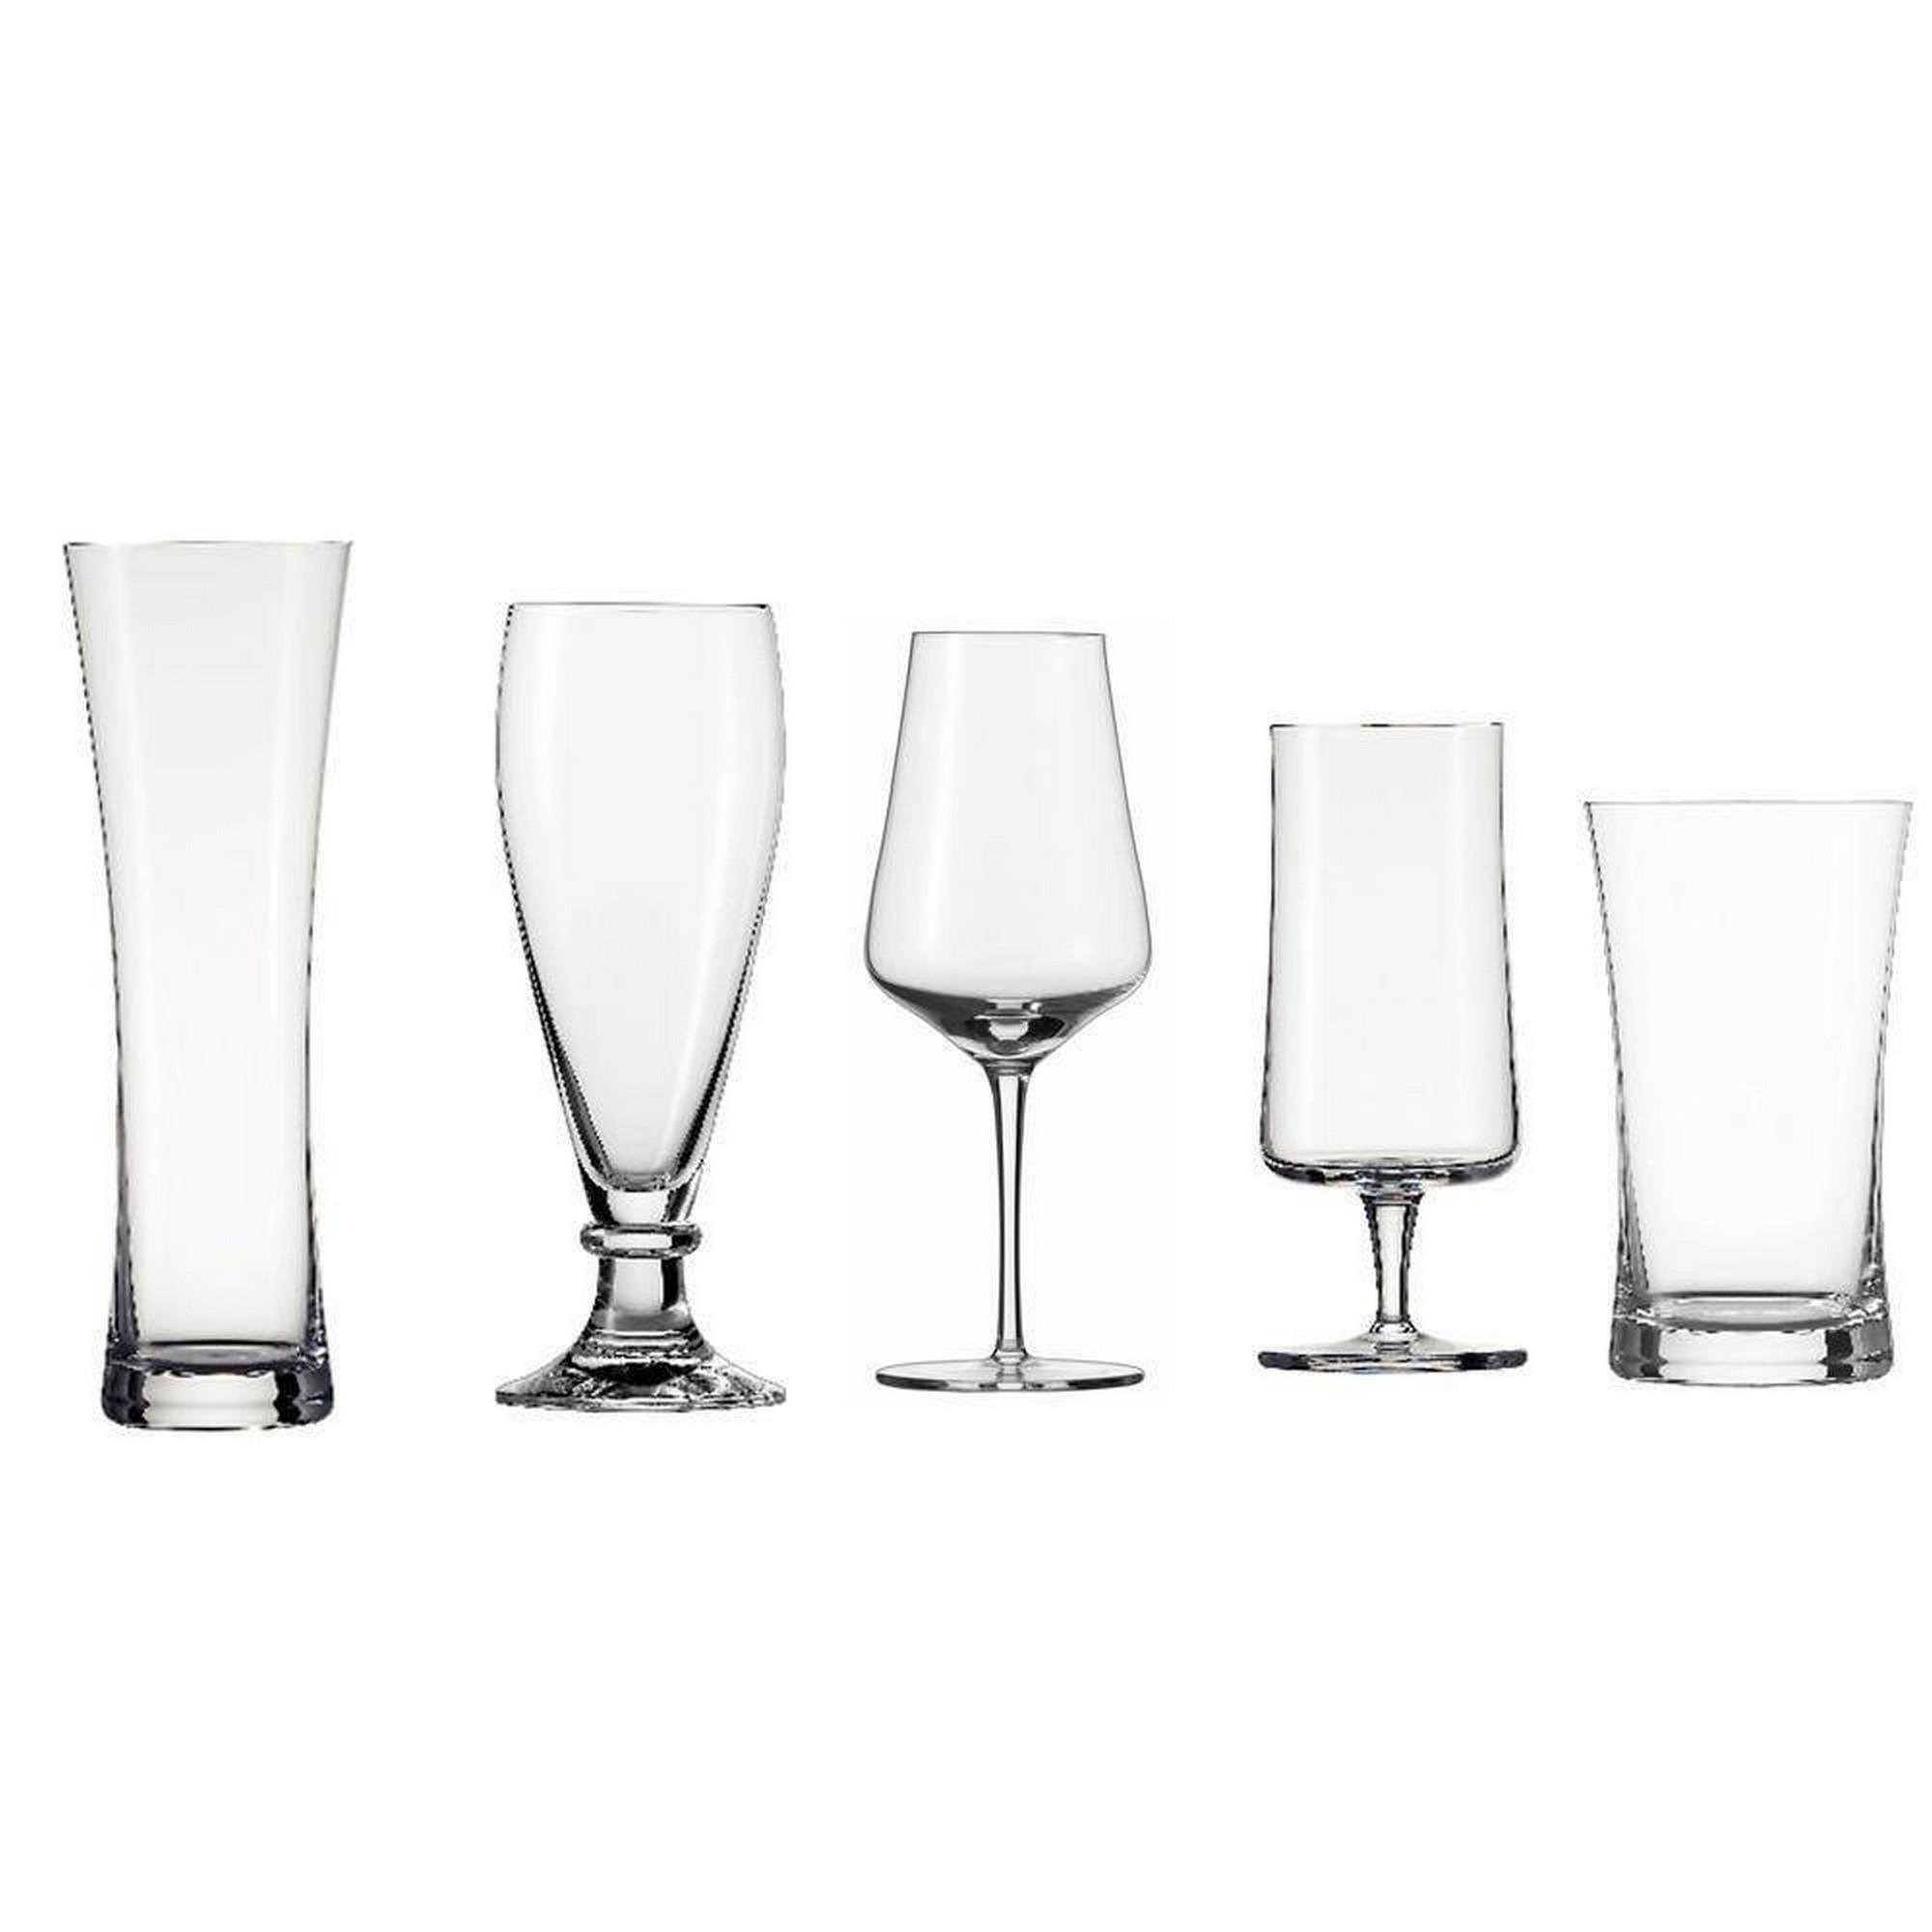 Kit Degustação para Cerveja Schott Zwiesel Beer Tasting 5 Peças de Cristal